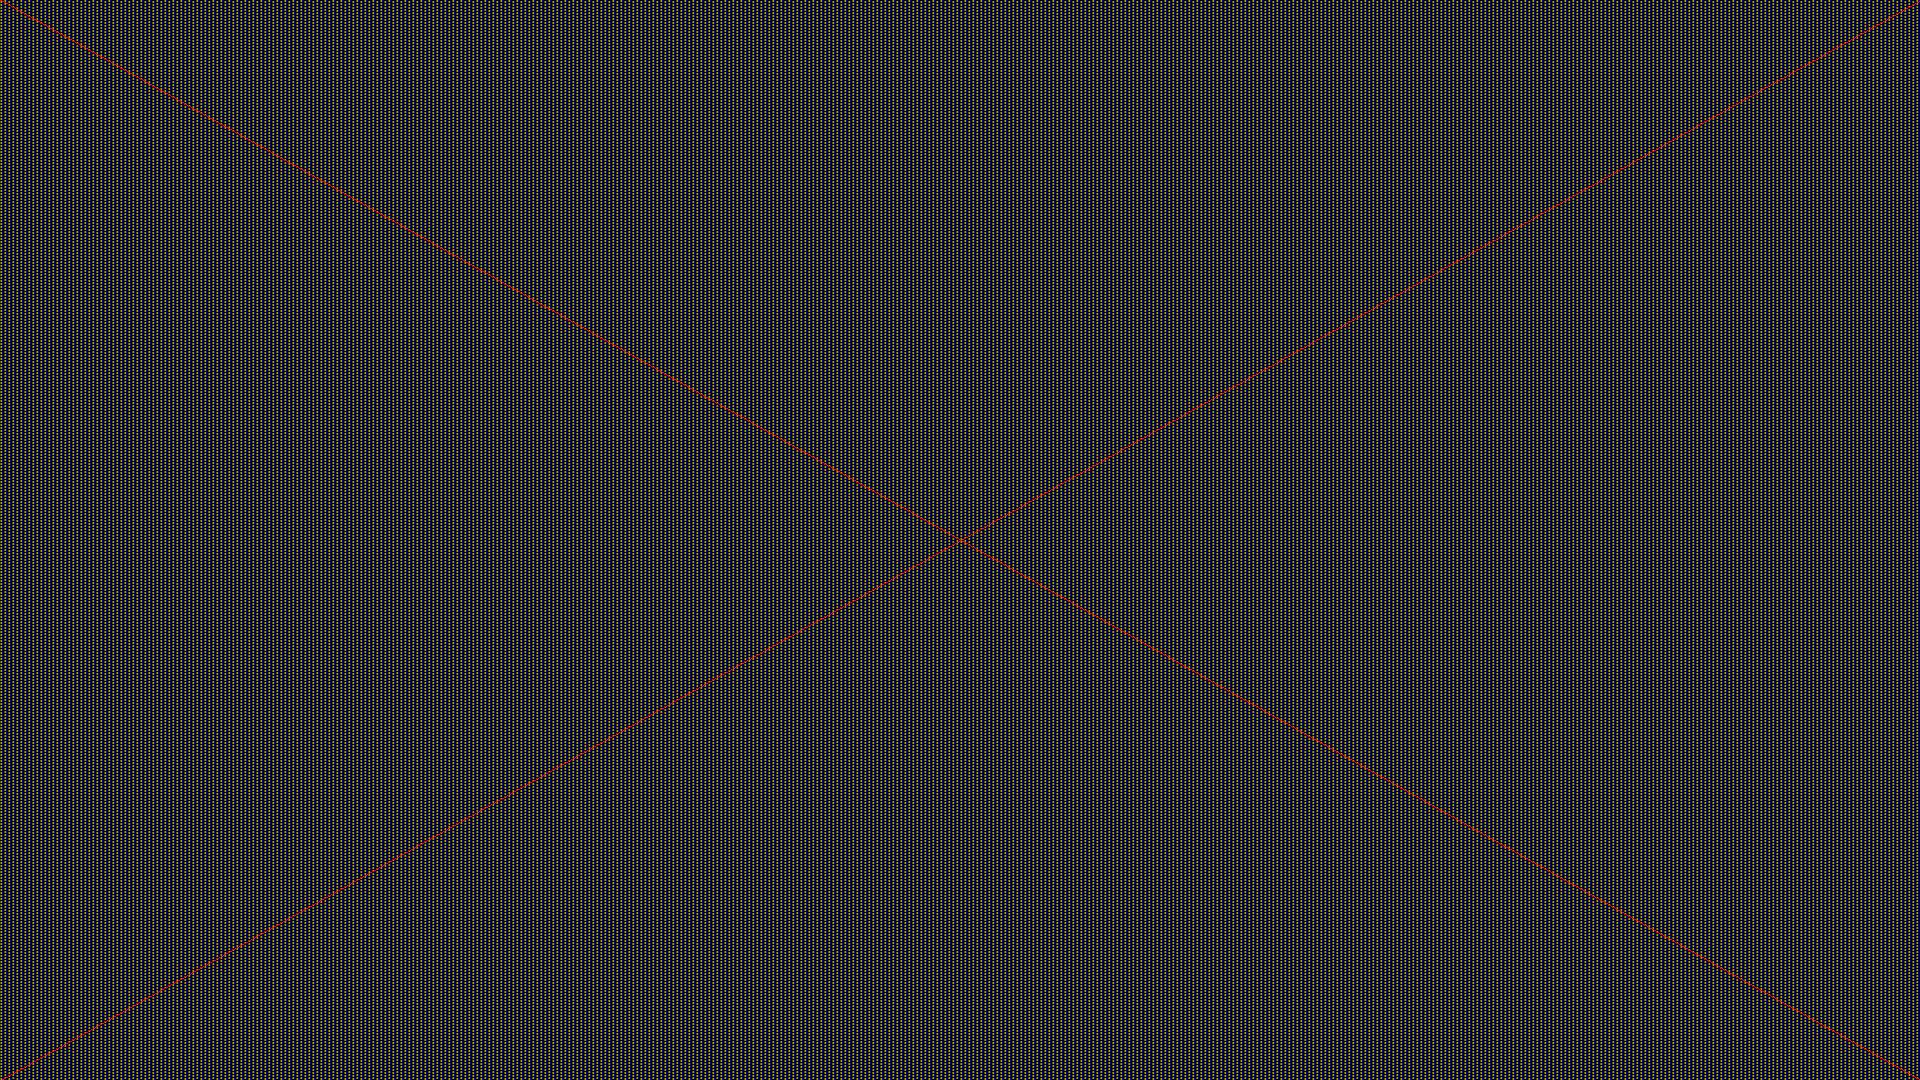 tvpixel_1.jpg